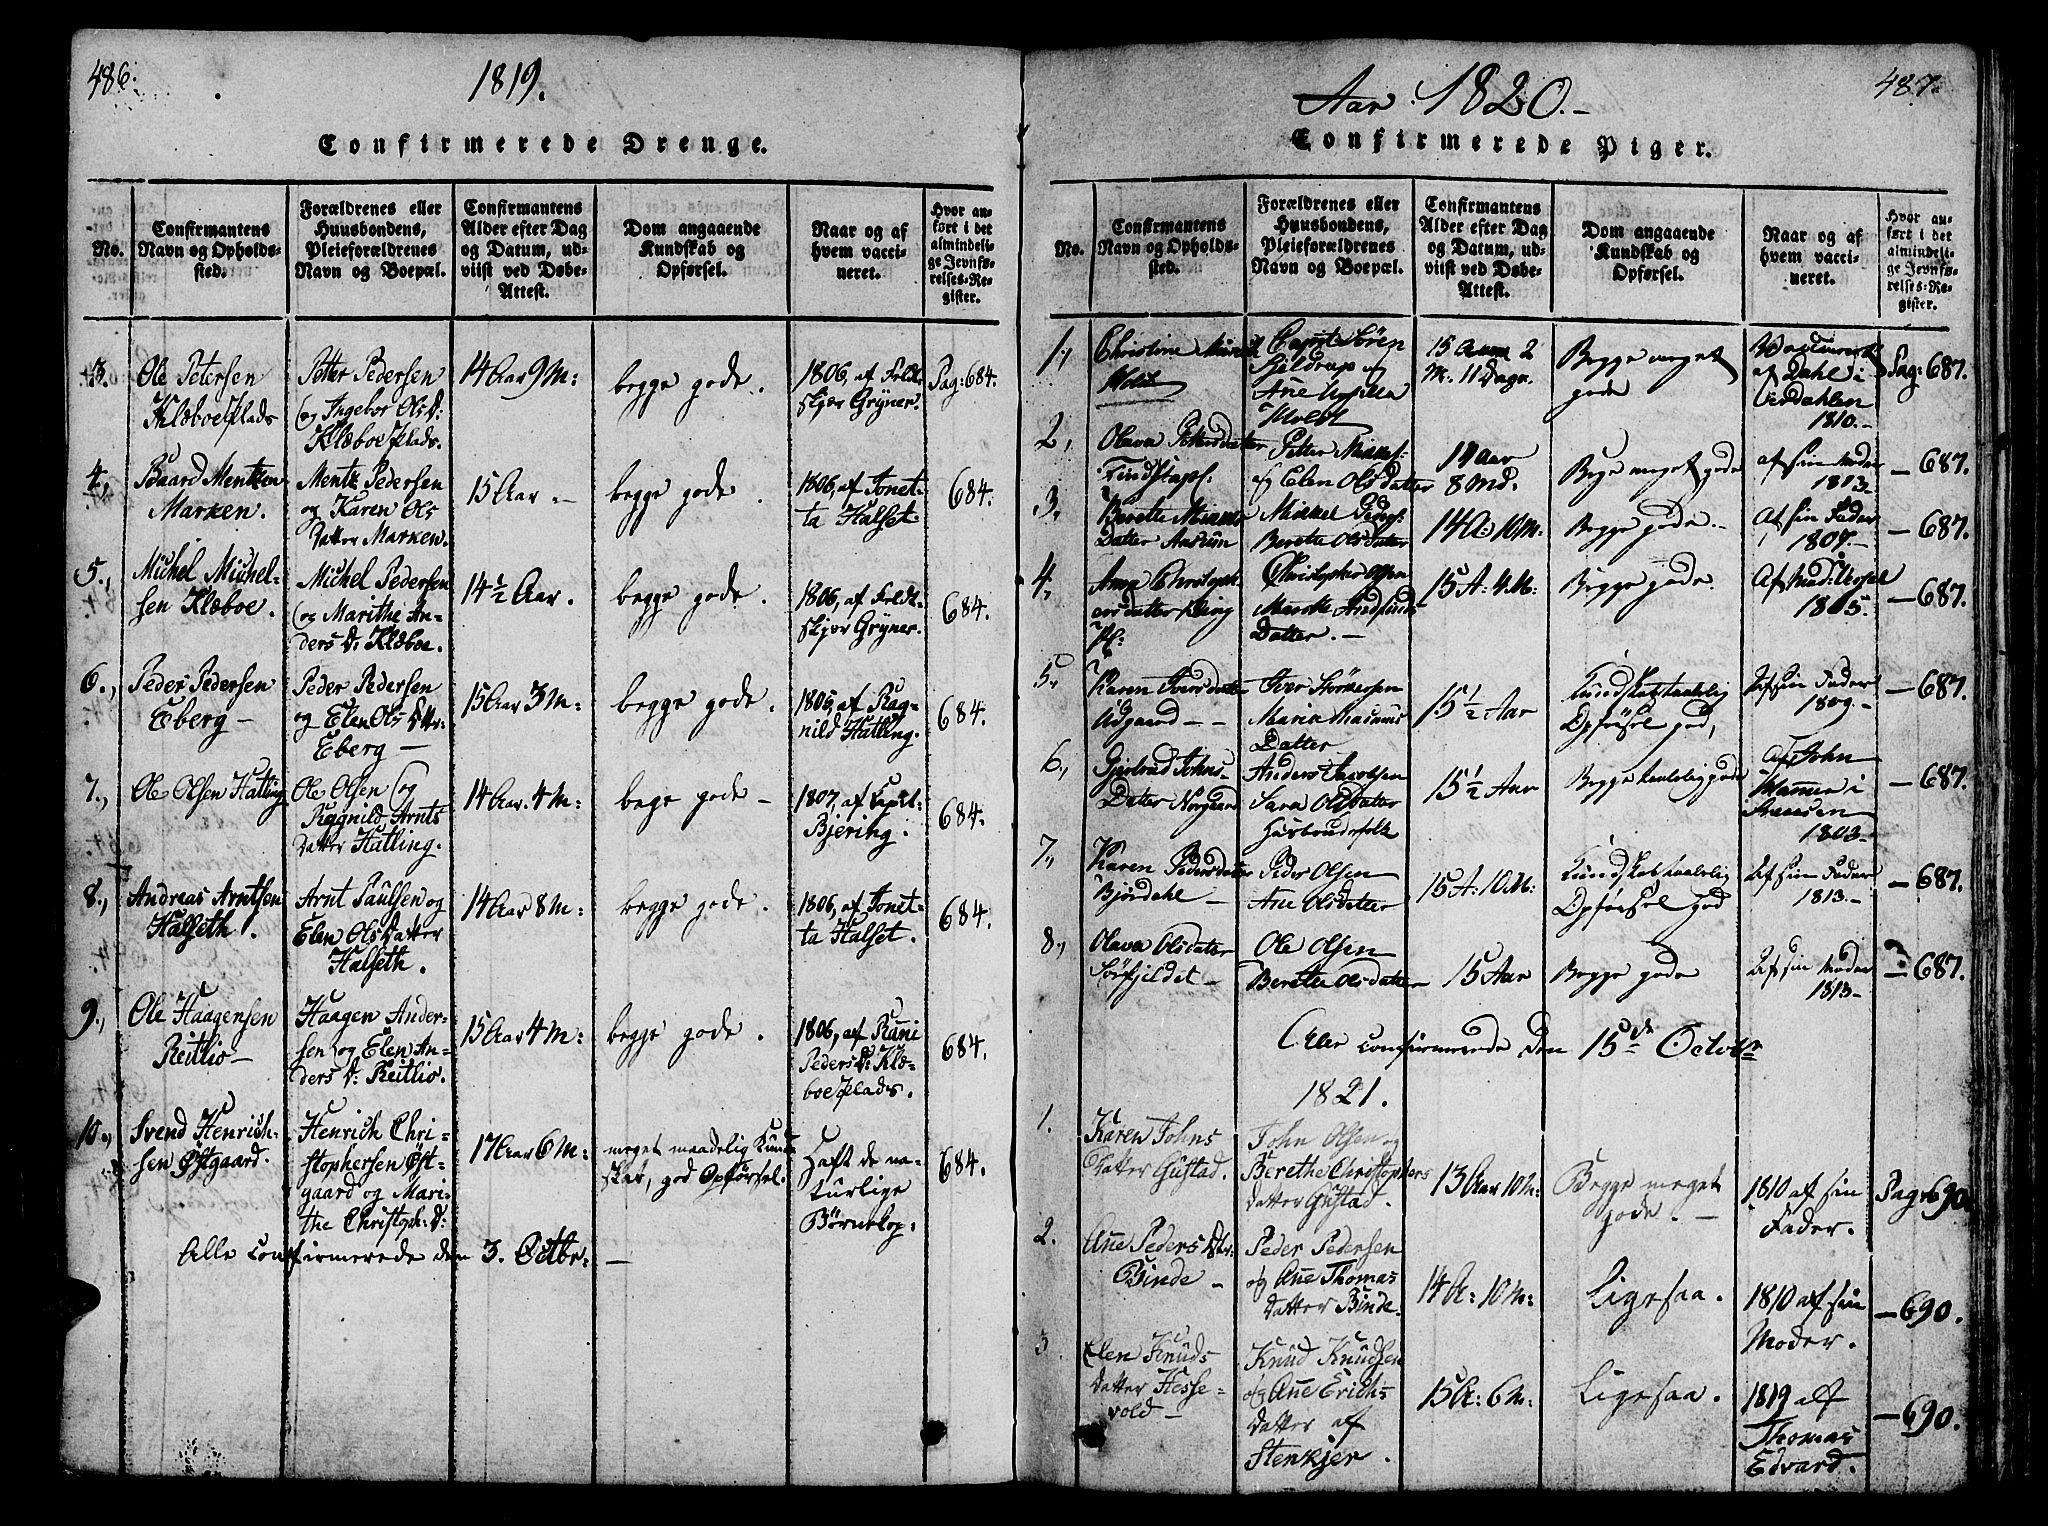 SAT, Ministerialprotokoller, klokkerbøker og fødselsregistre - Nord-Trøndelag, 746/L0441: Ministerialbok nr. 746A03 /1, 1816-1827, s. 486-487